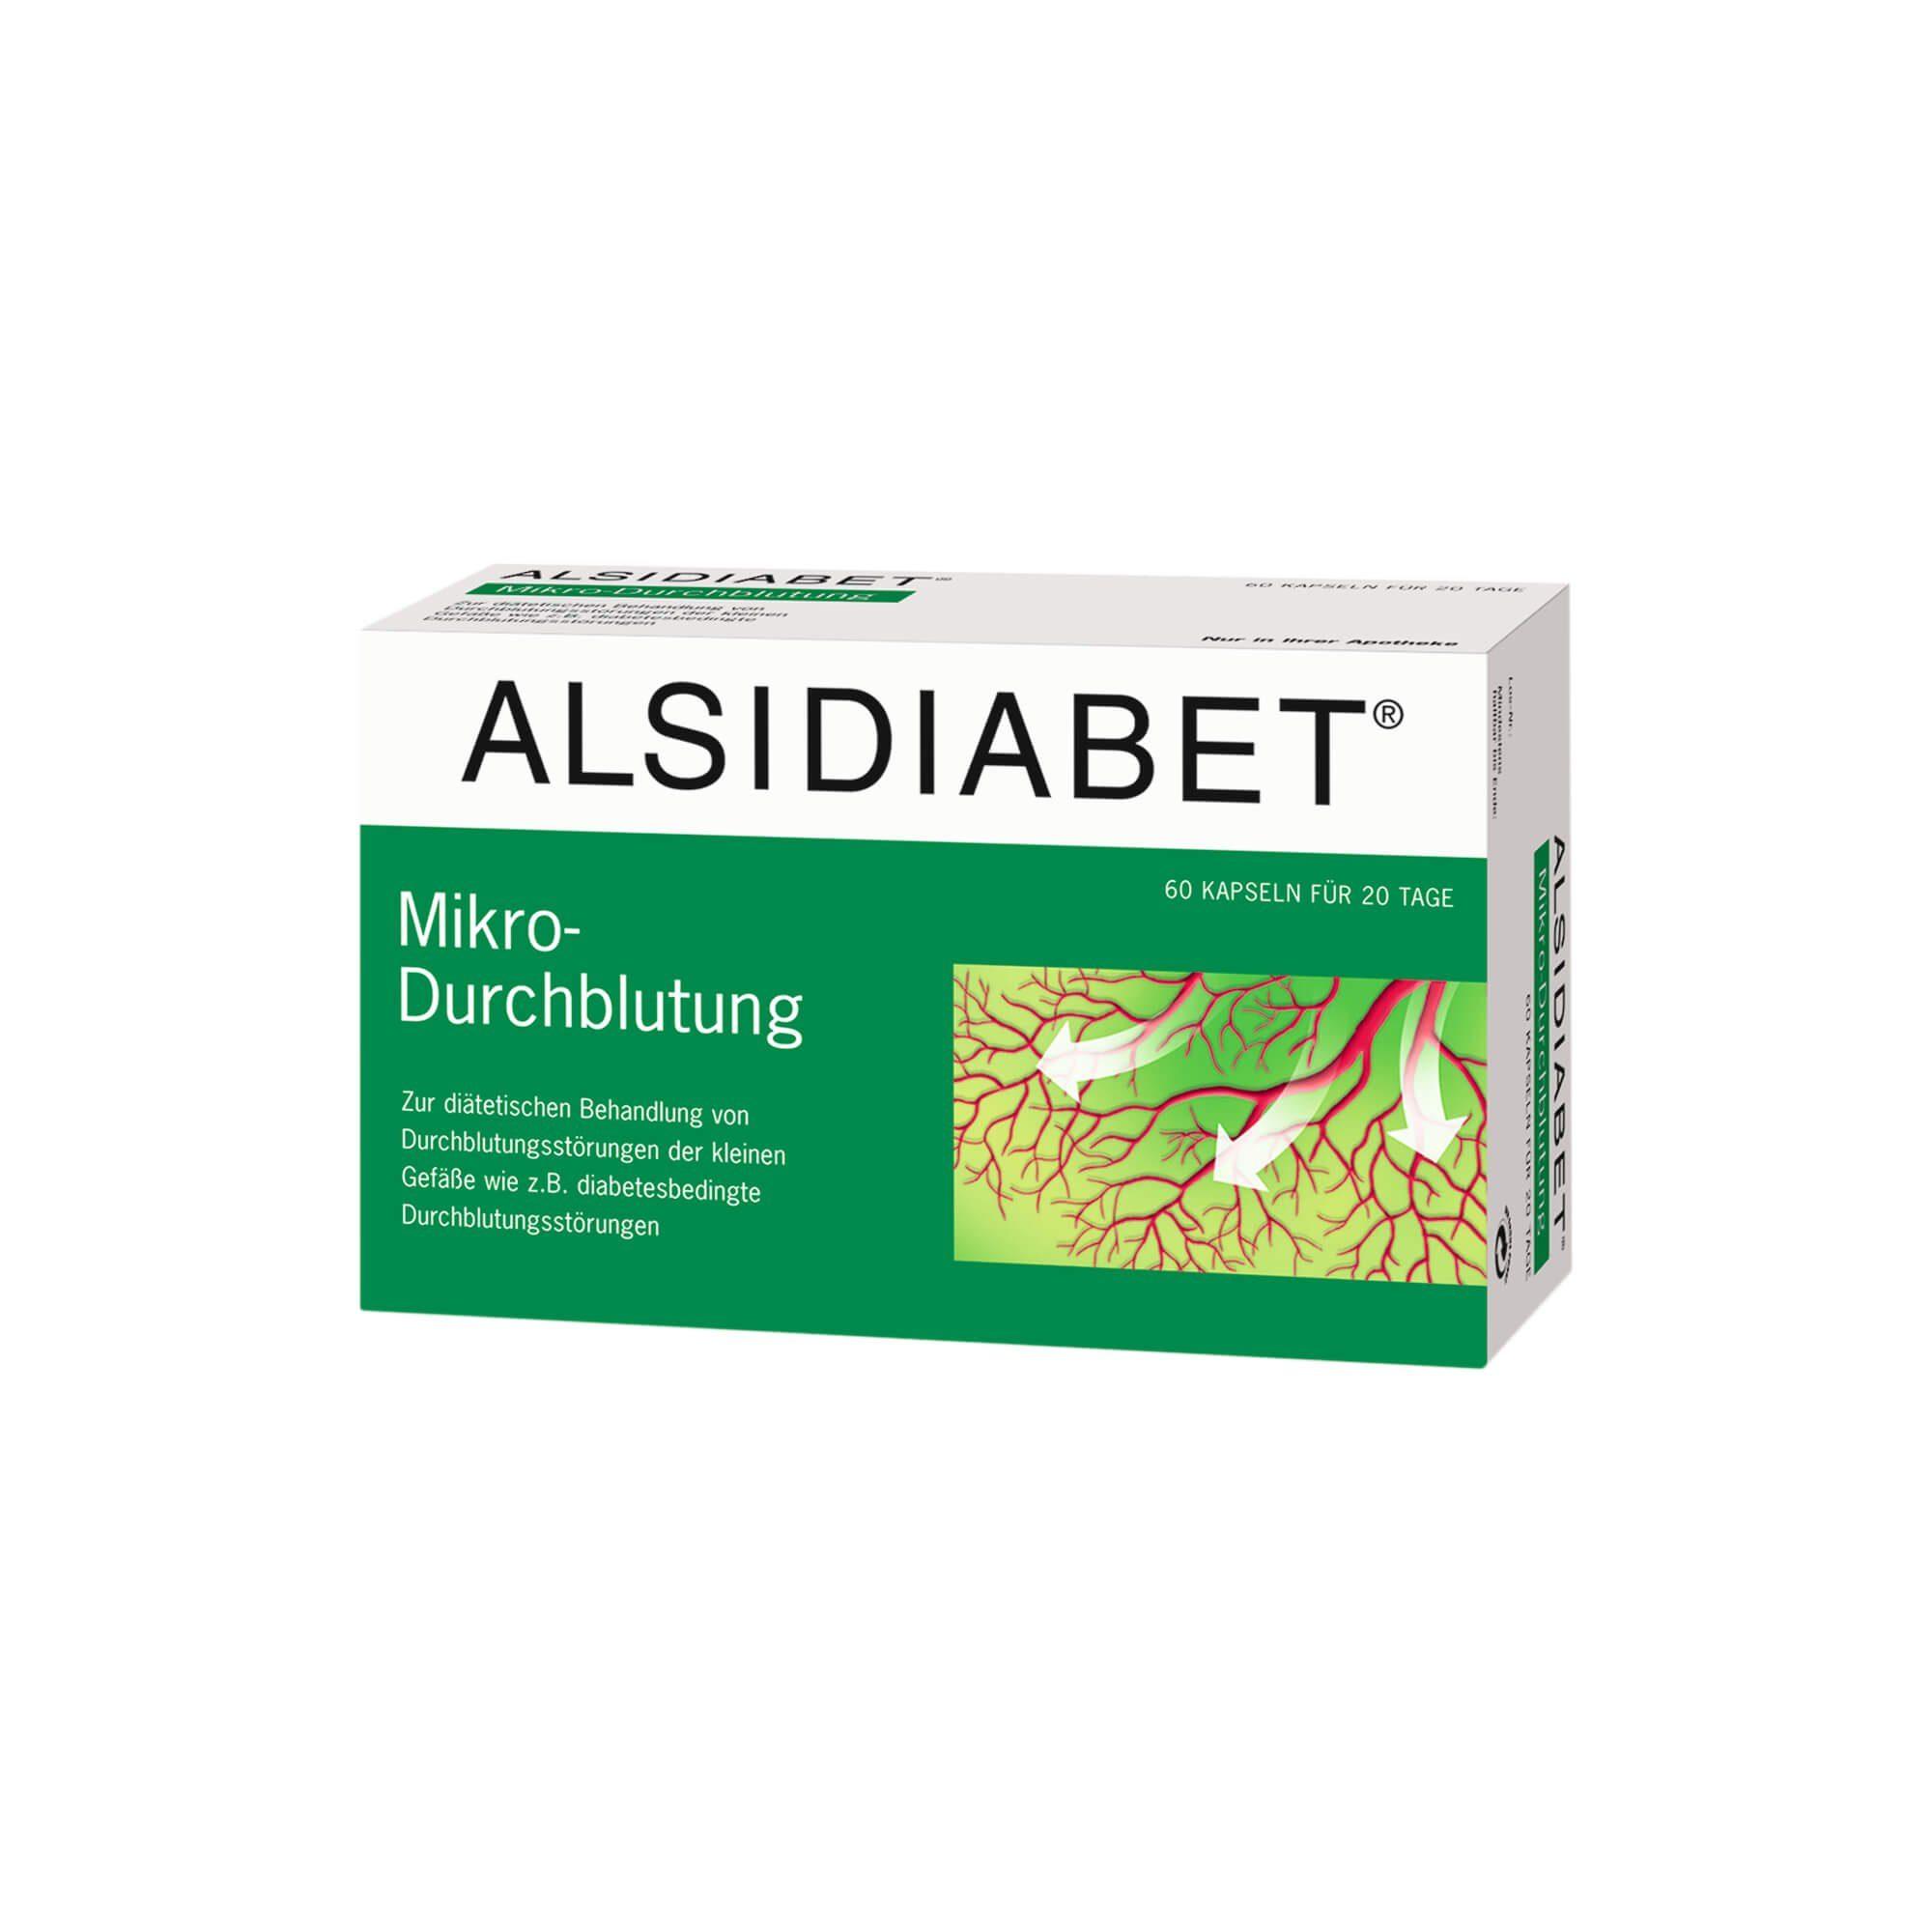 Alsidiabet Mikro-Durchblutung (, 60 St)